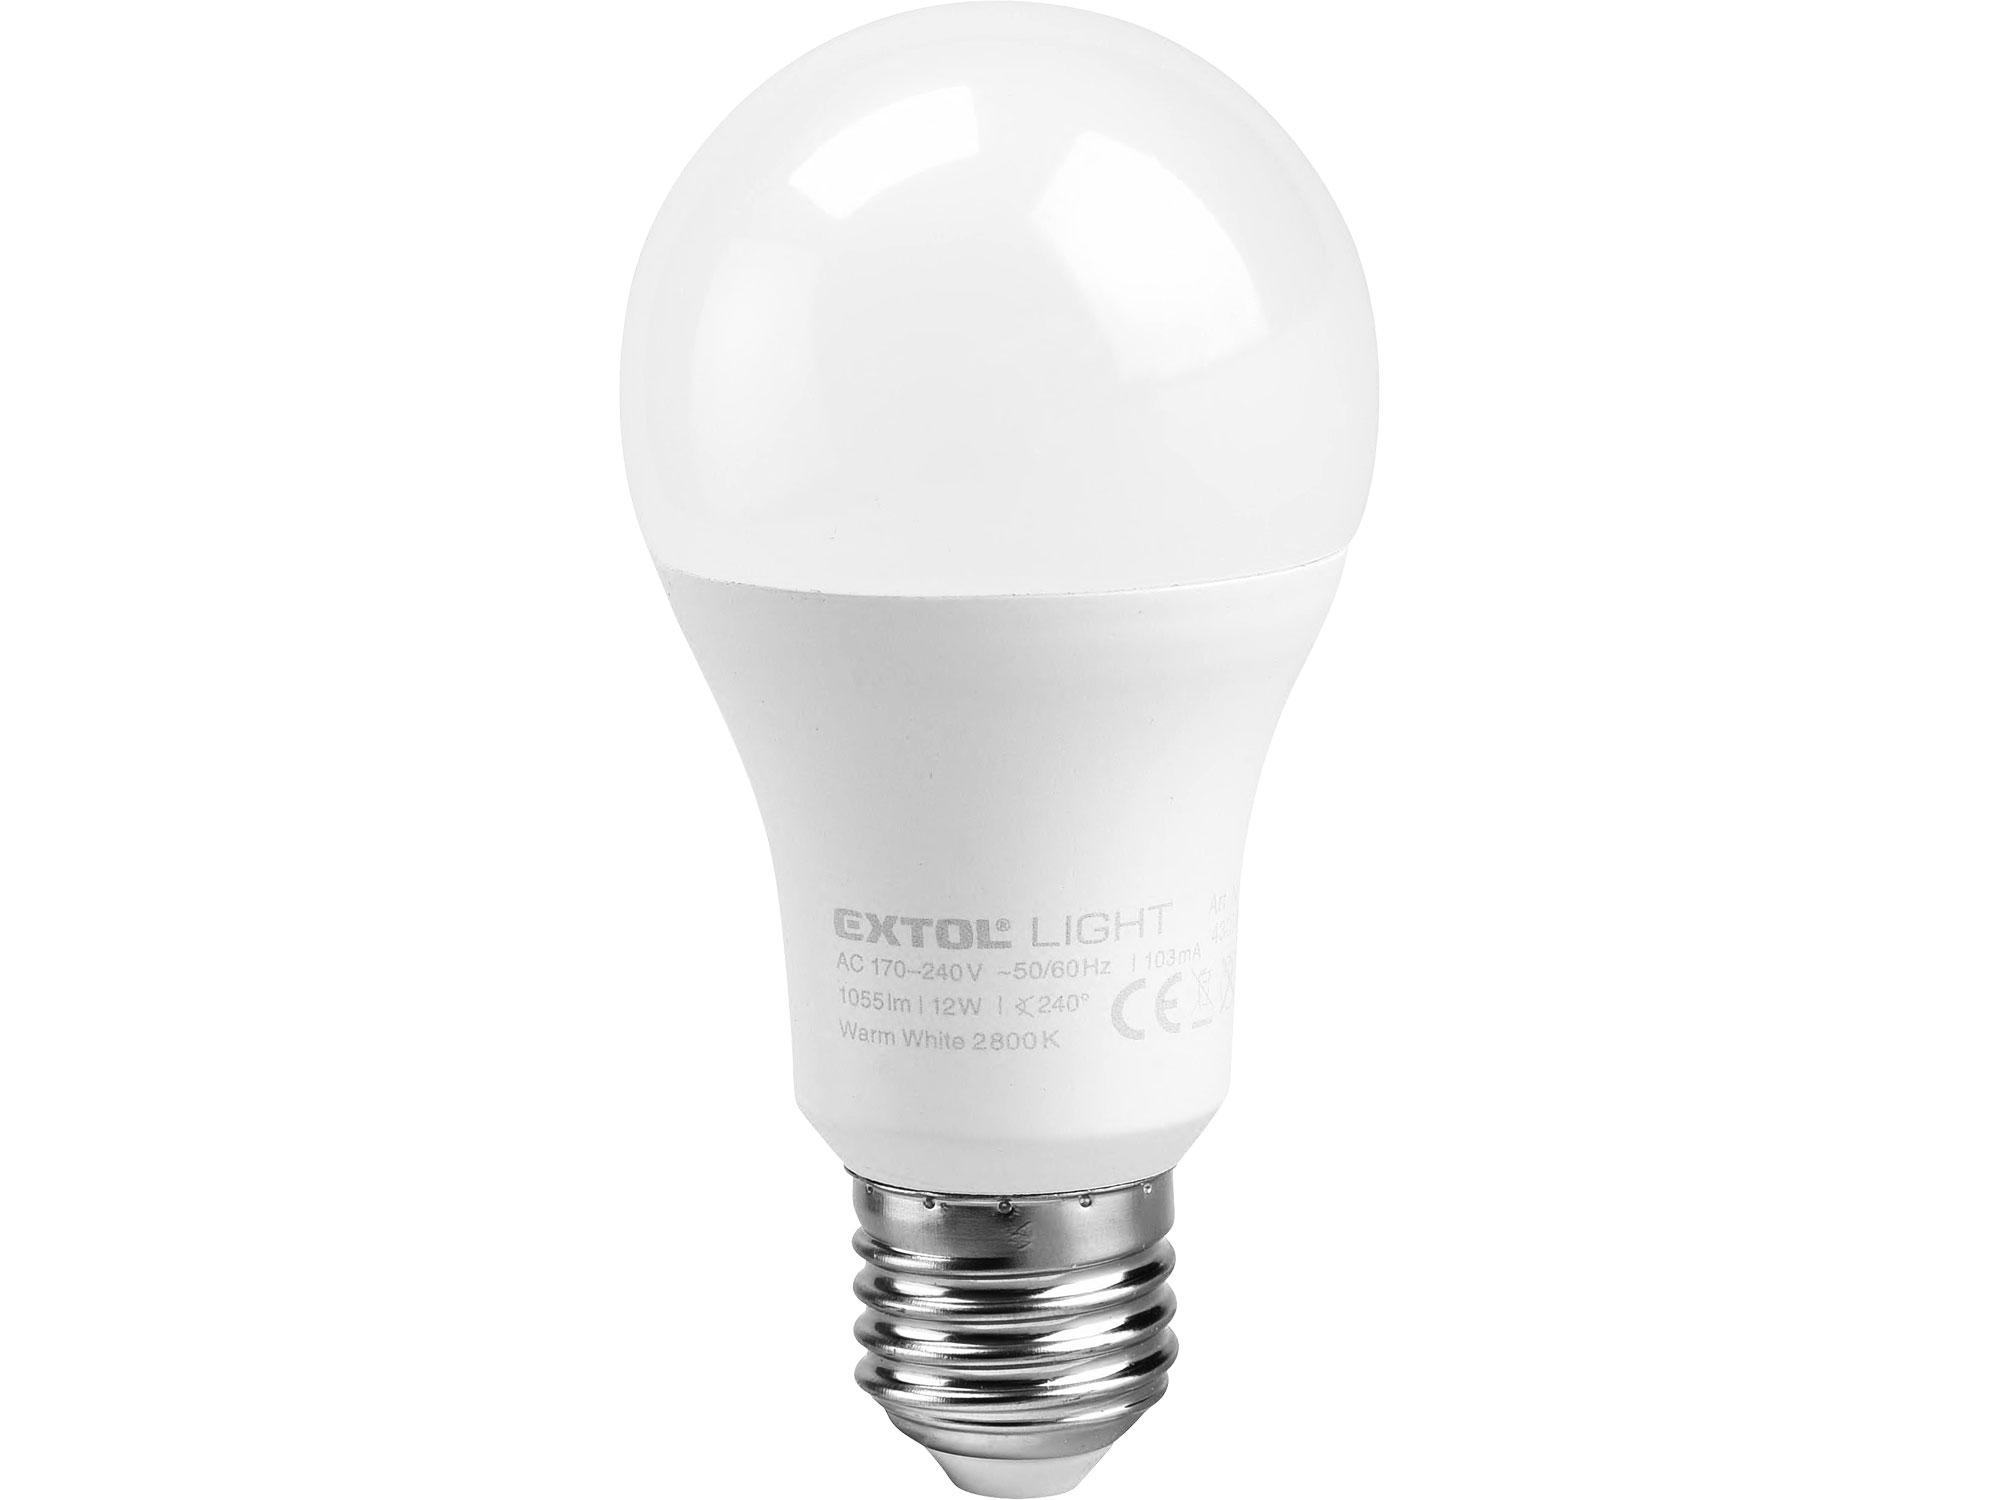 žárovka LED klasická, 9W, 800lm, E27, teplá bílá